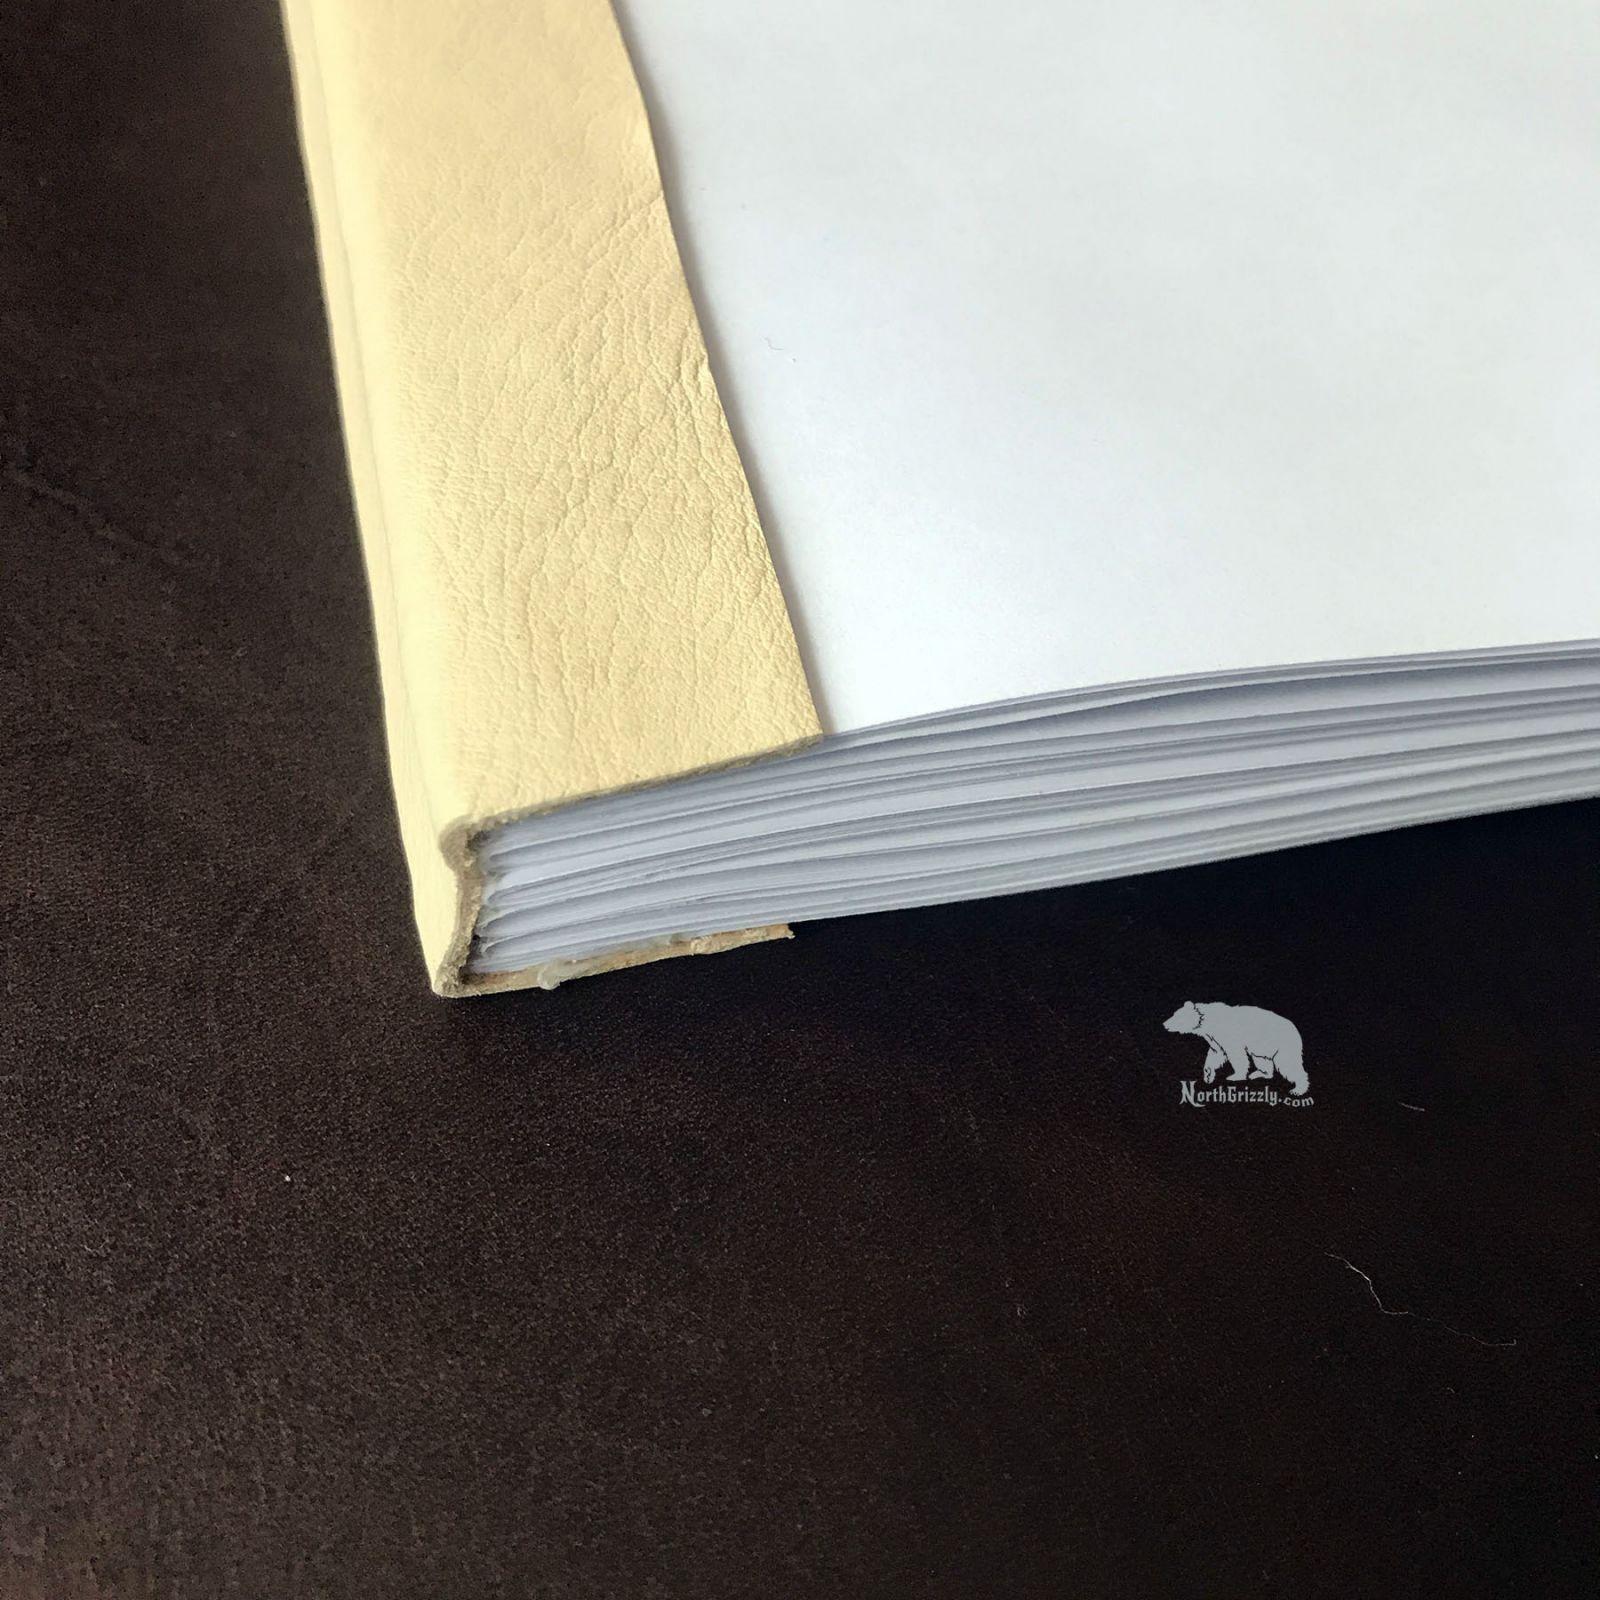 rankomis rista popieriaus knyga uzrasine dienorastis darbo knyga balti lapai ranku darbo dovanos vyrams 2527 copy